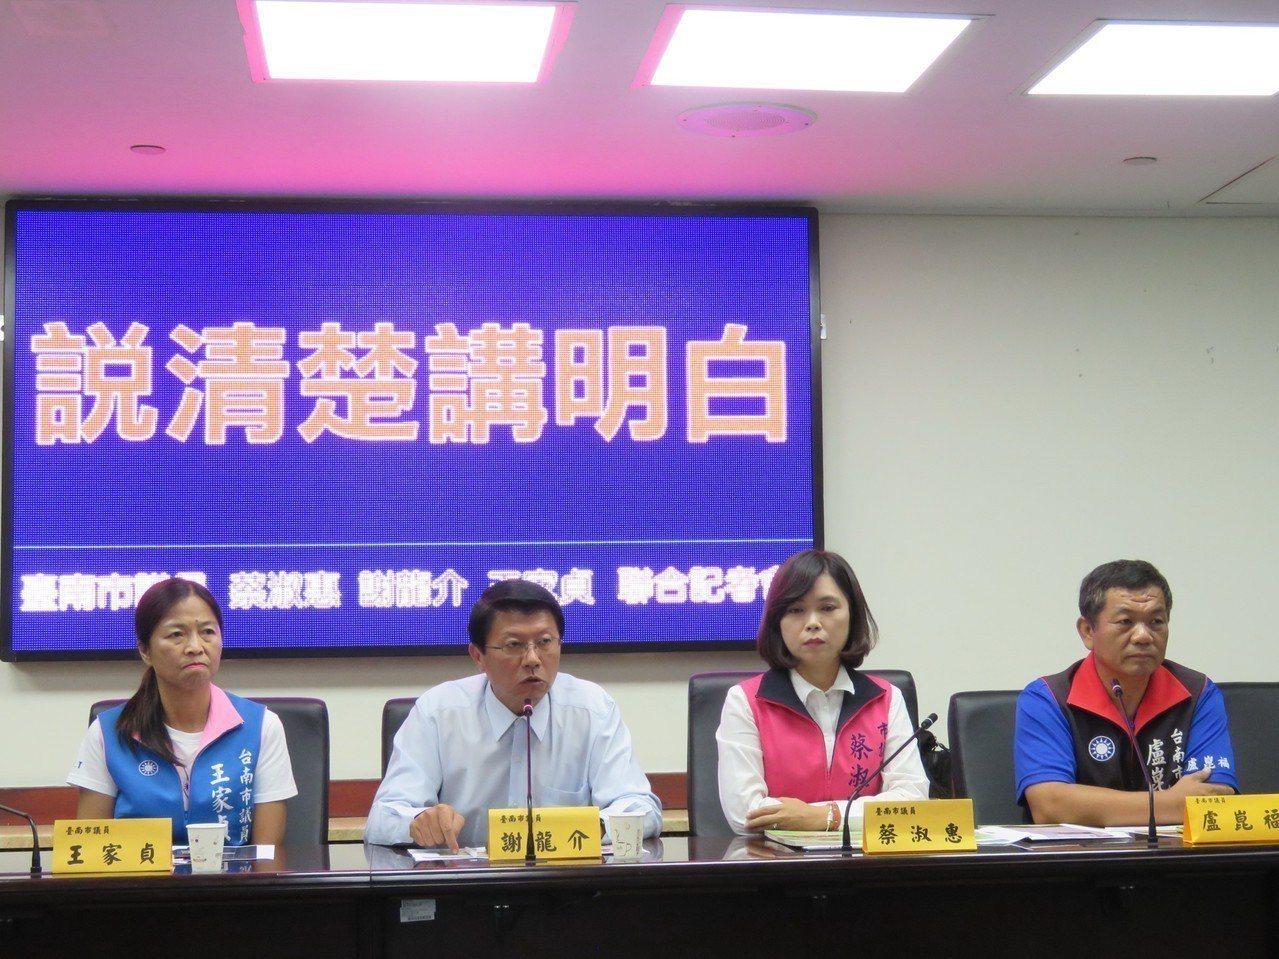 台南市國民黨籍議員今天大動作開記者會批賴家班的里長參選人。圖/議會提供